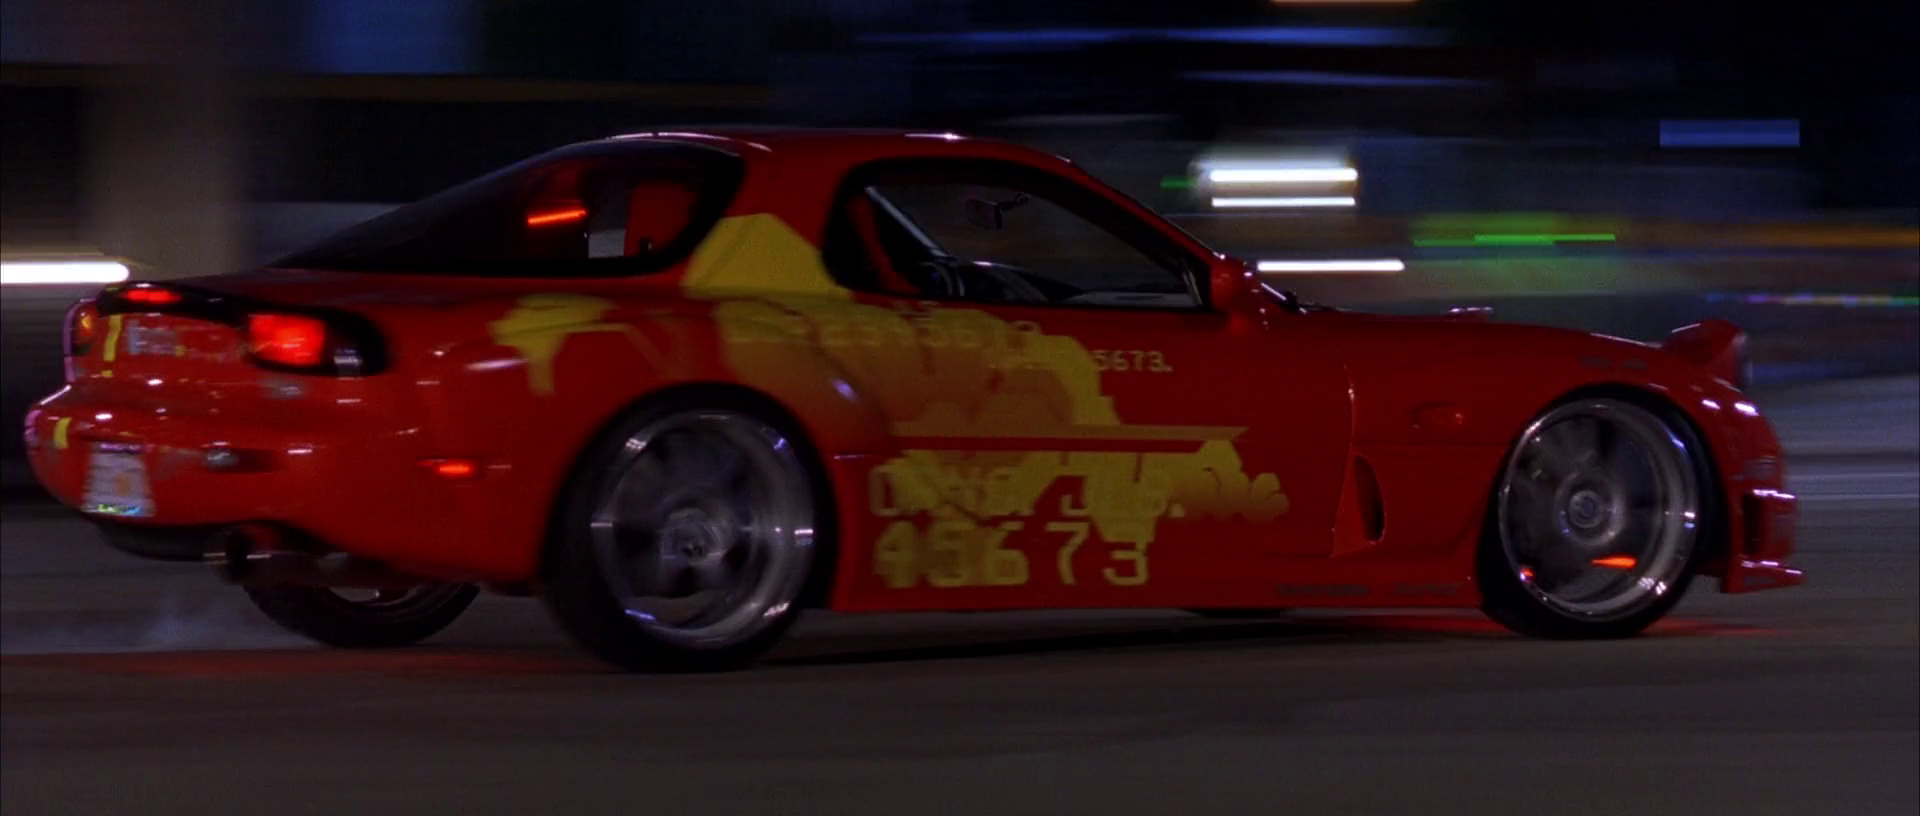 1993 Mazda RX-7 (Orange Julius)